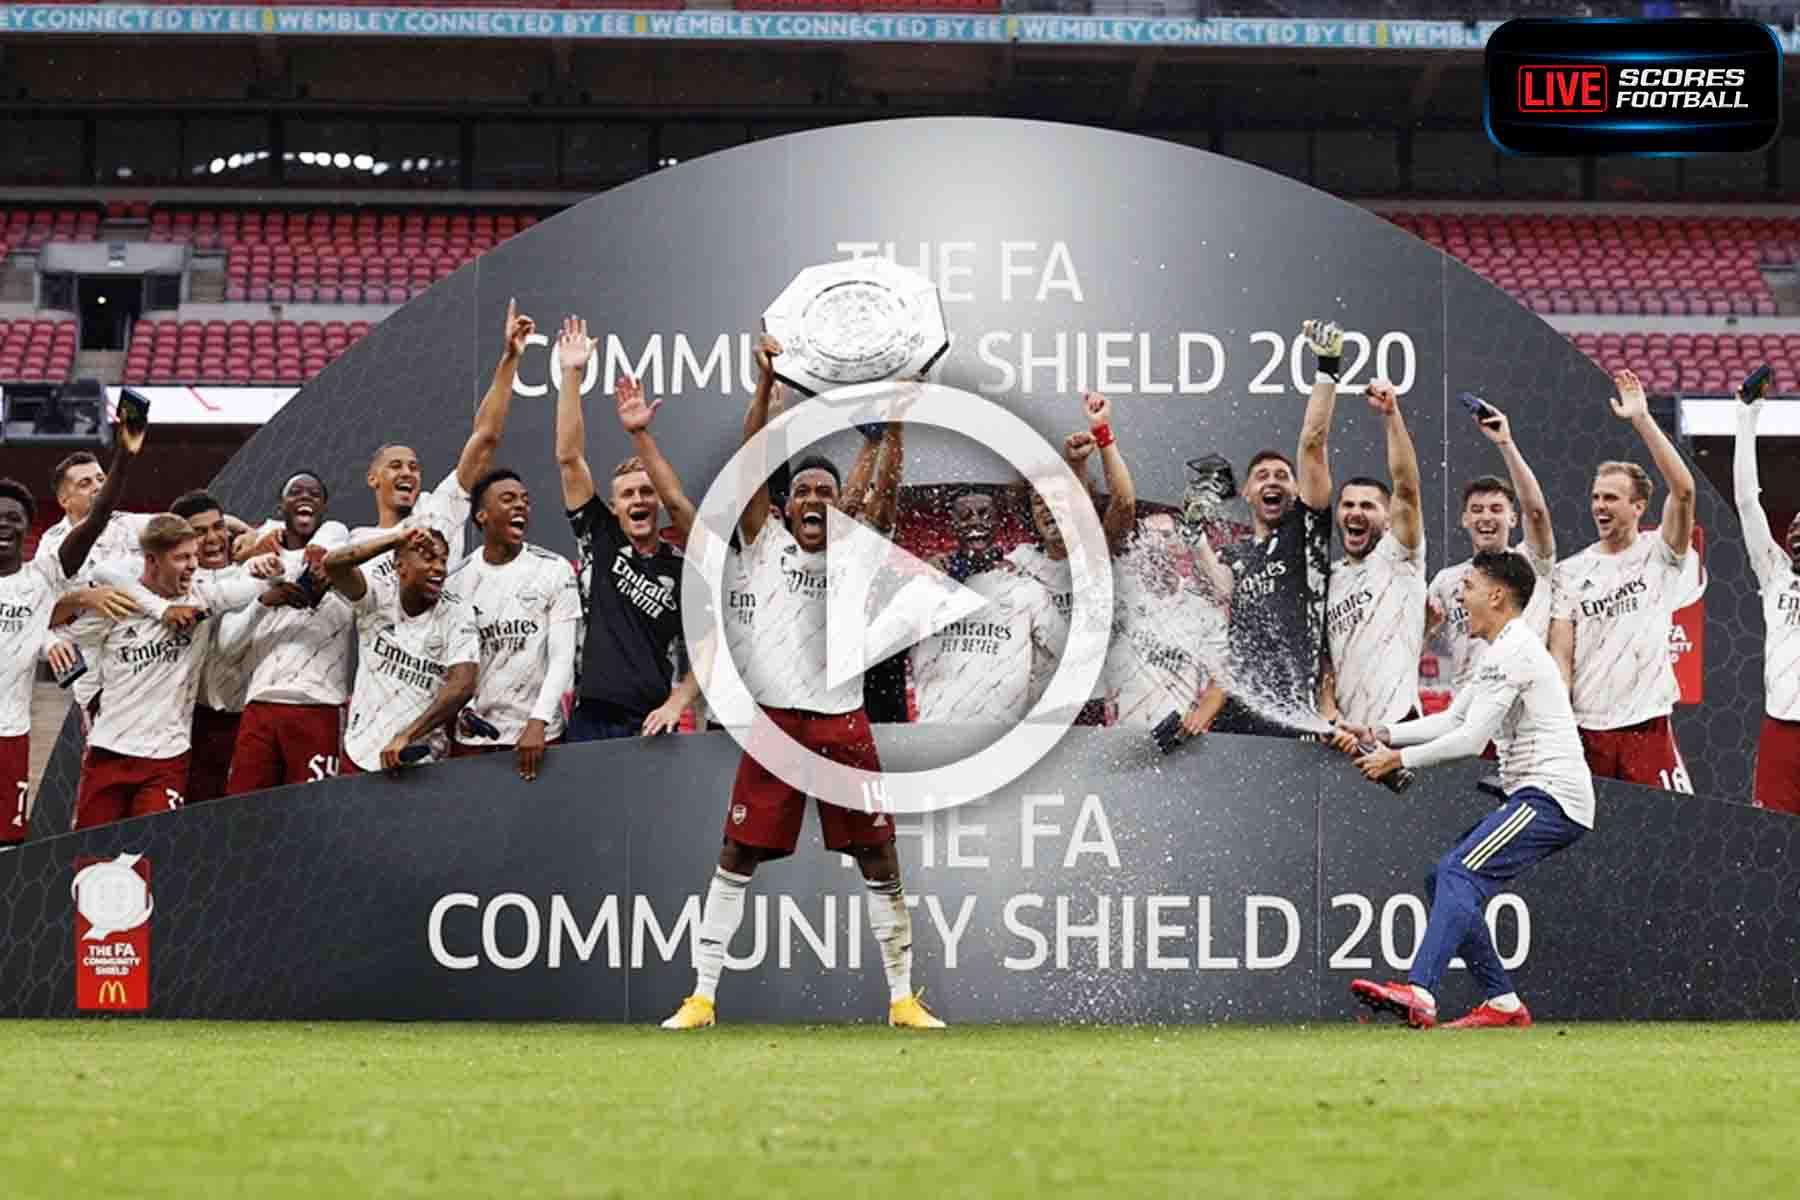 ไฮไลท์คู่เด็ด FA Community Shield 2020 อาร์เซน่อล 1-1 ลิเวอร์พูล (จุดโทษ 5-4) - LivescoresFB